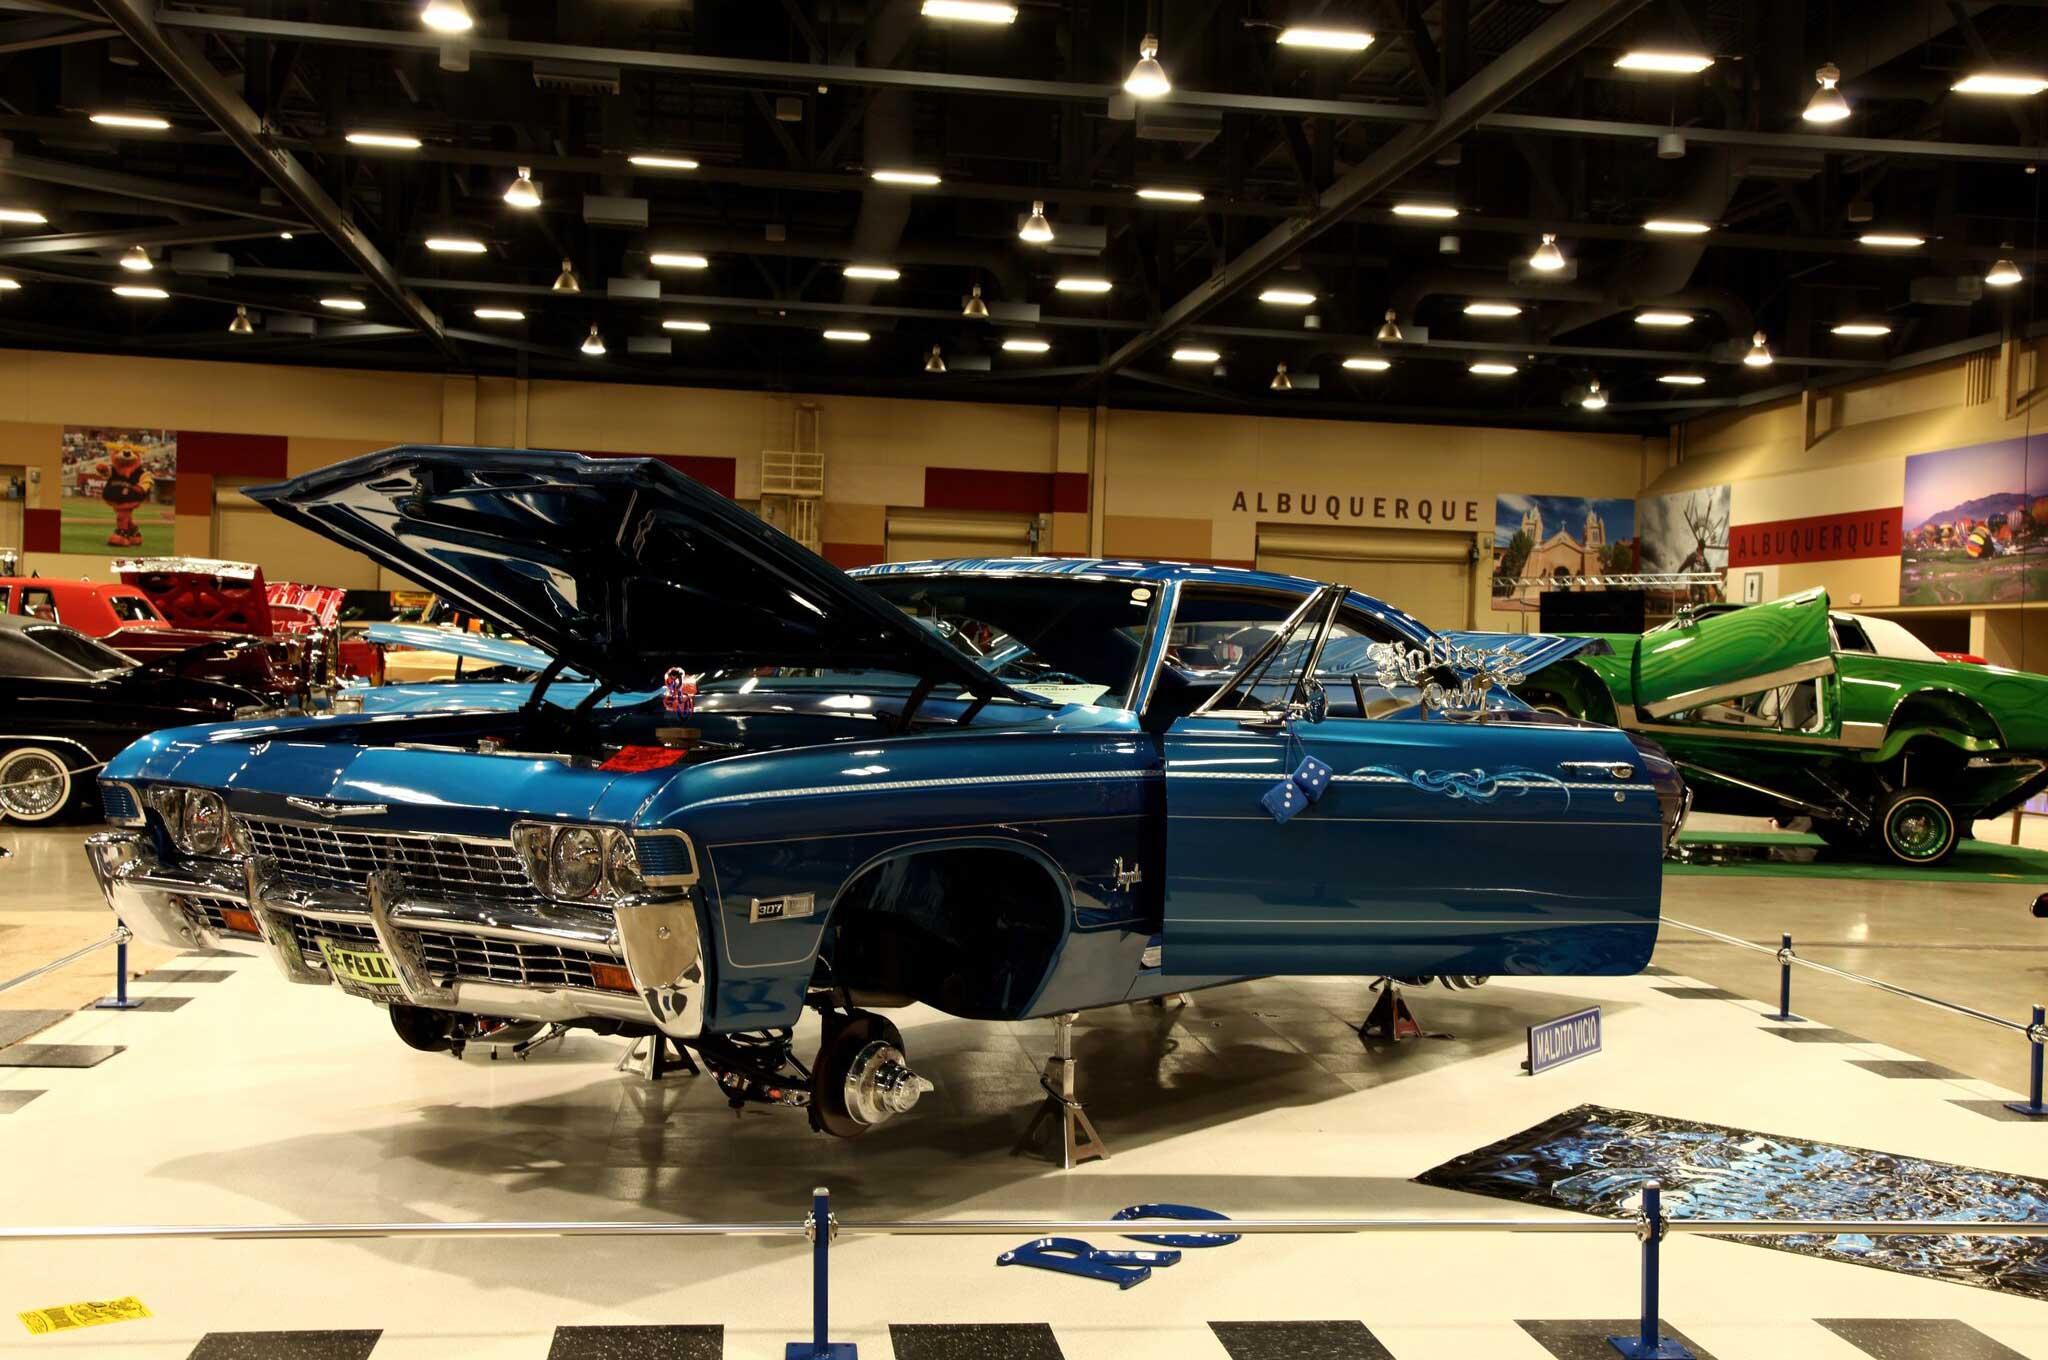 2017 lowrider albuquerque show 4th generation impala for Craft shows in albuquerque 2017